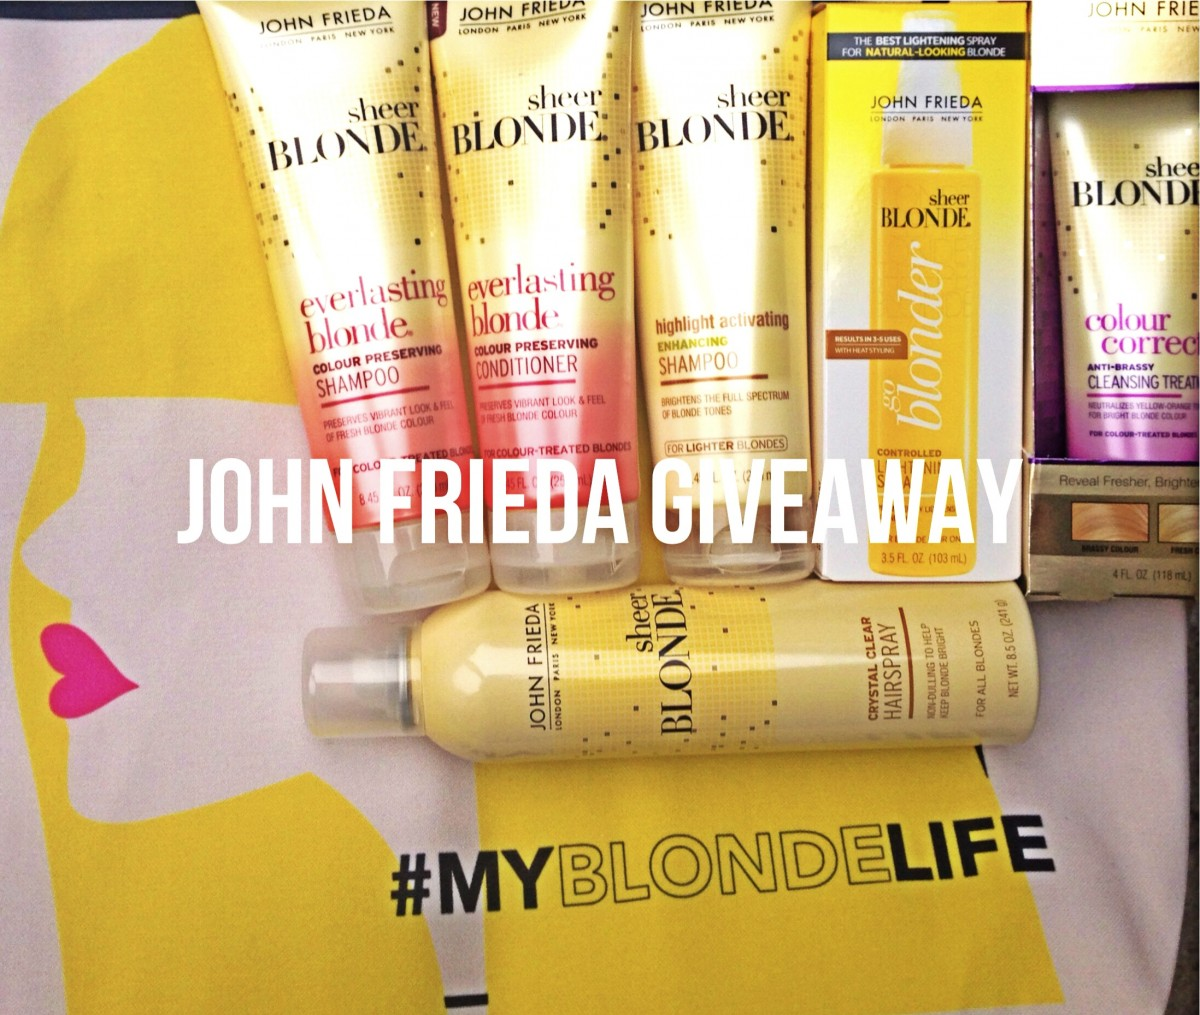 John Frieda Tote Bag + Product Giveaway